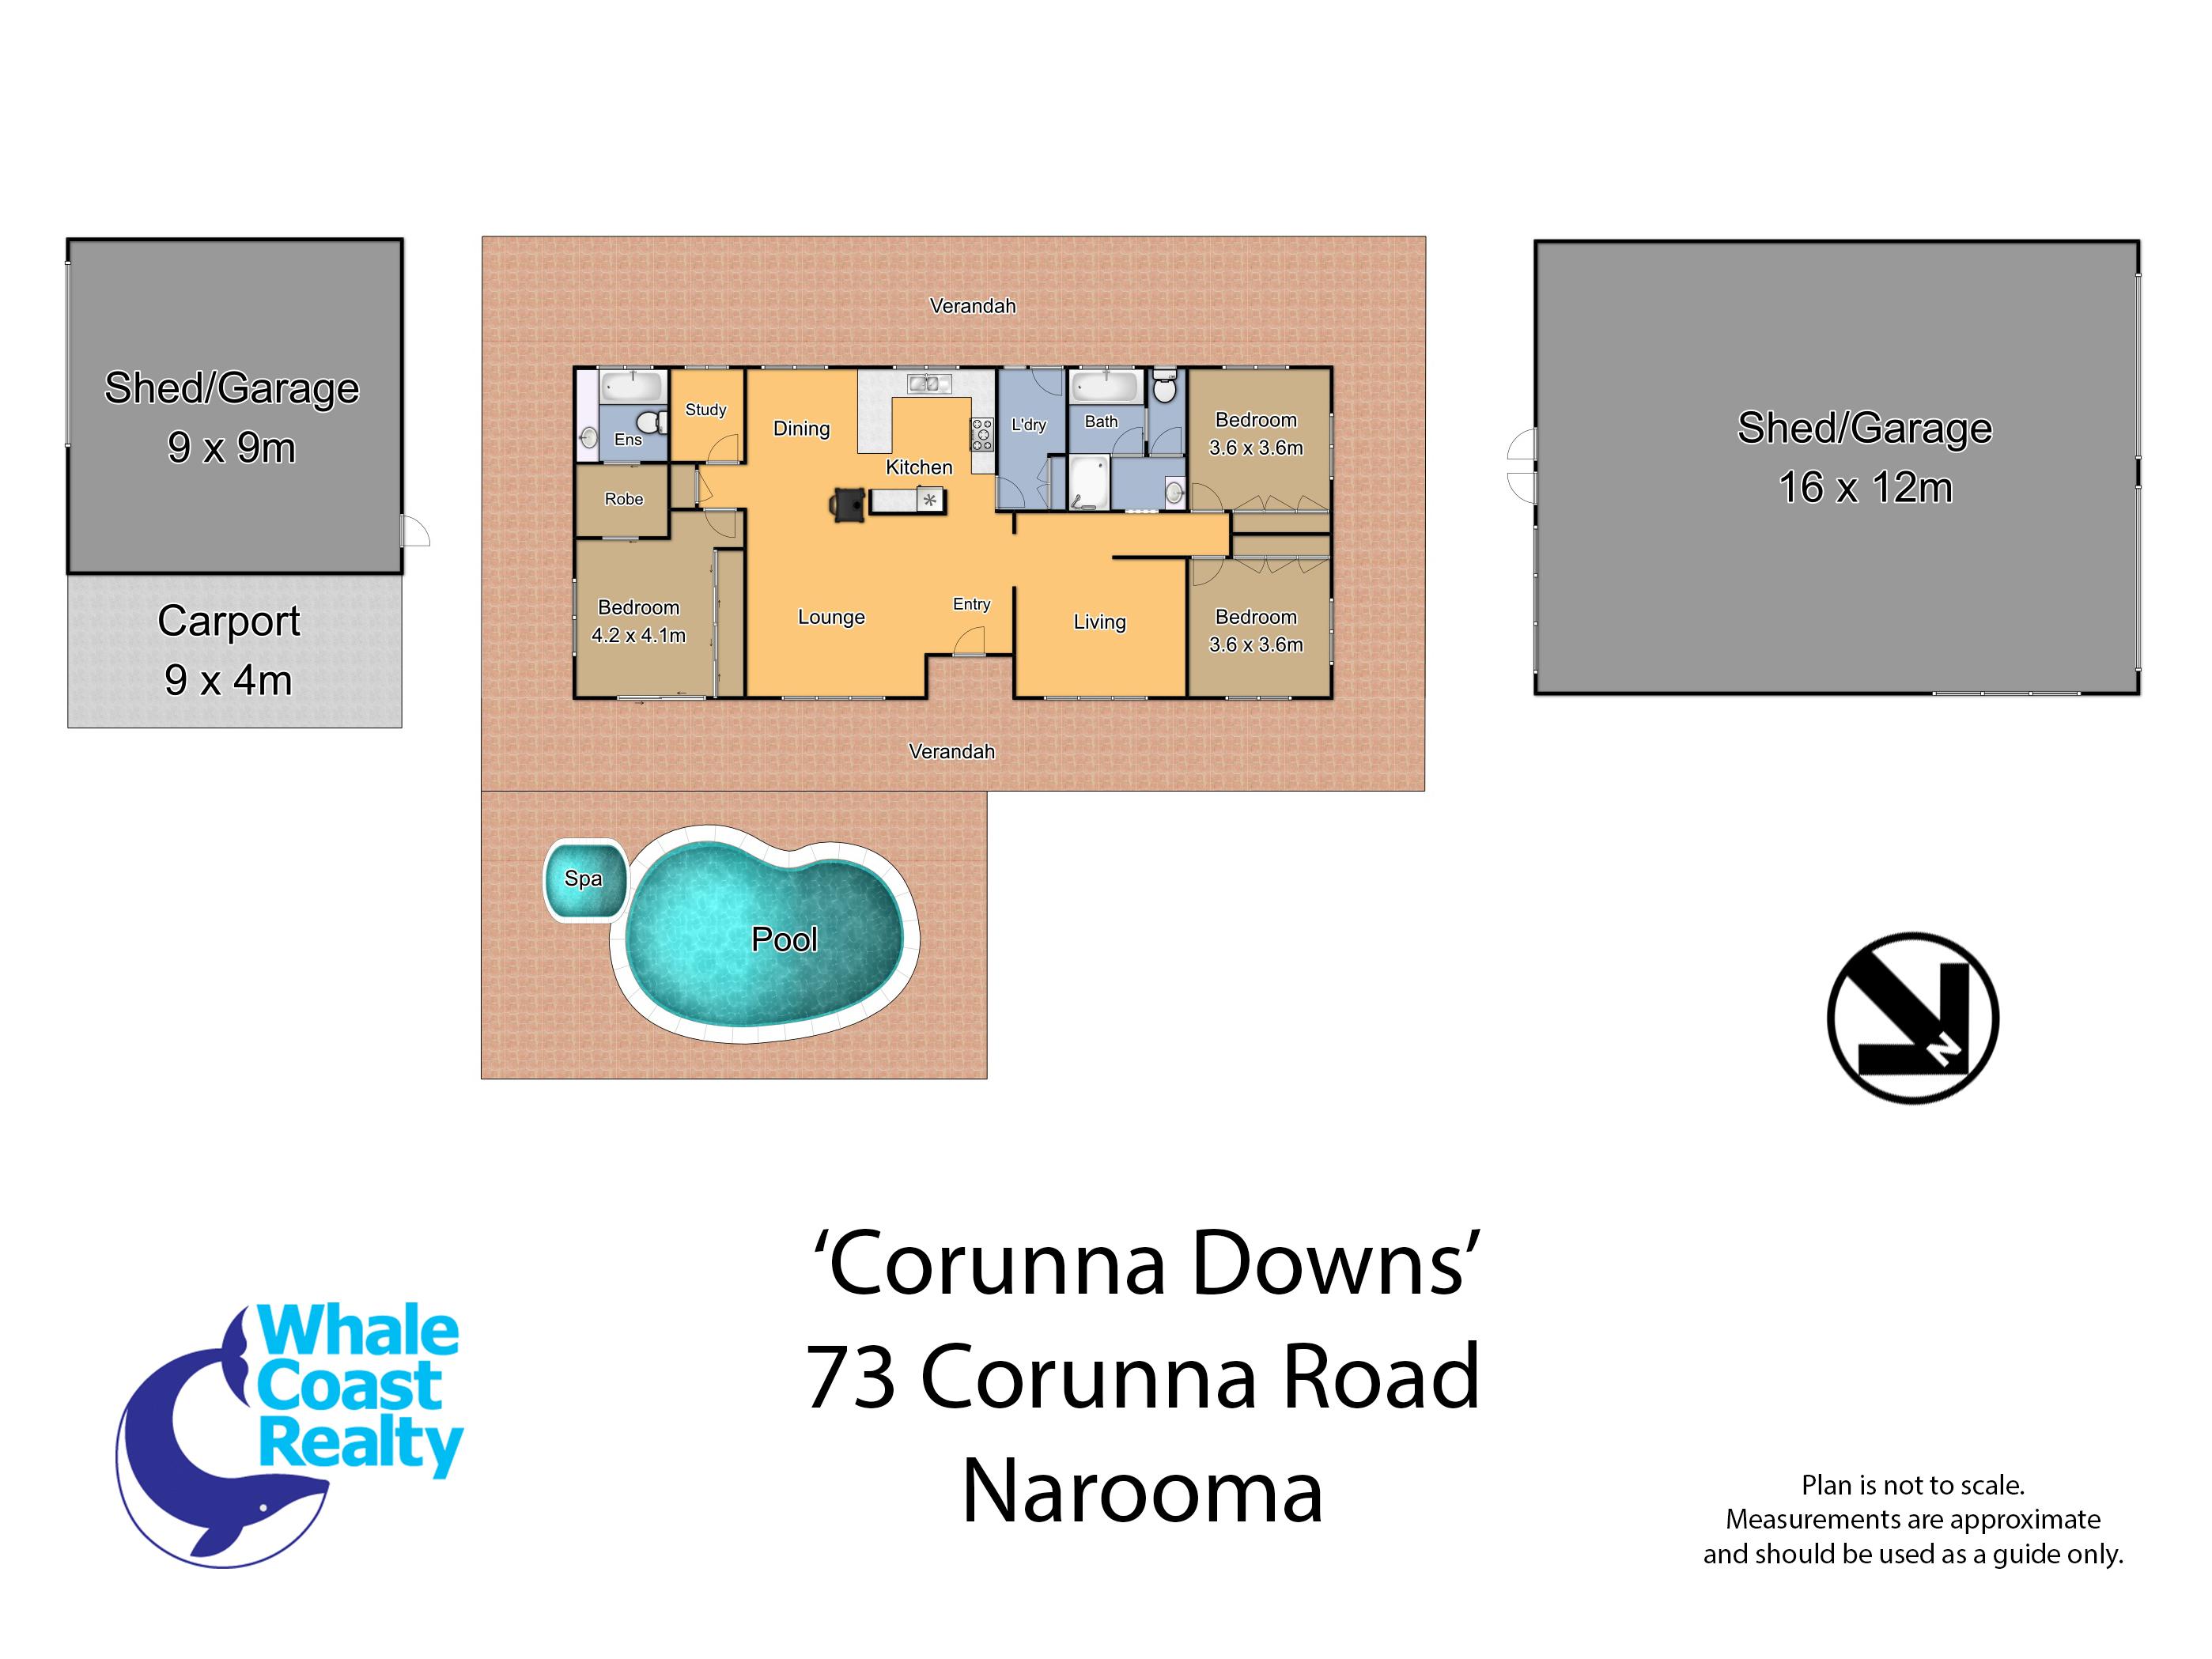 73 Corunna Road Narooma